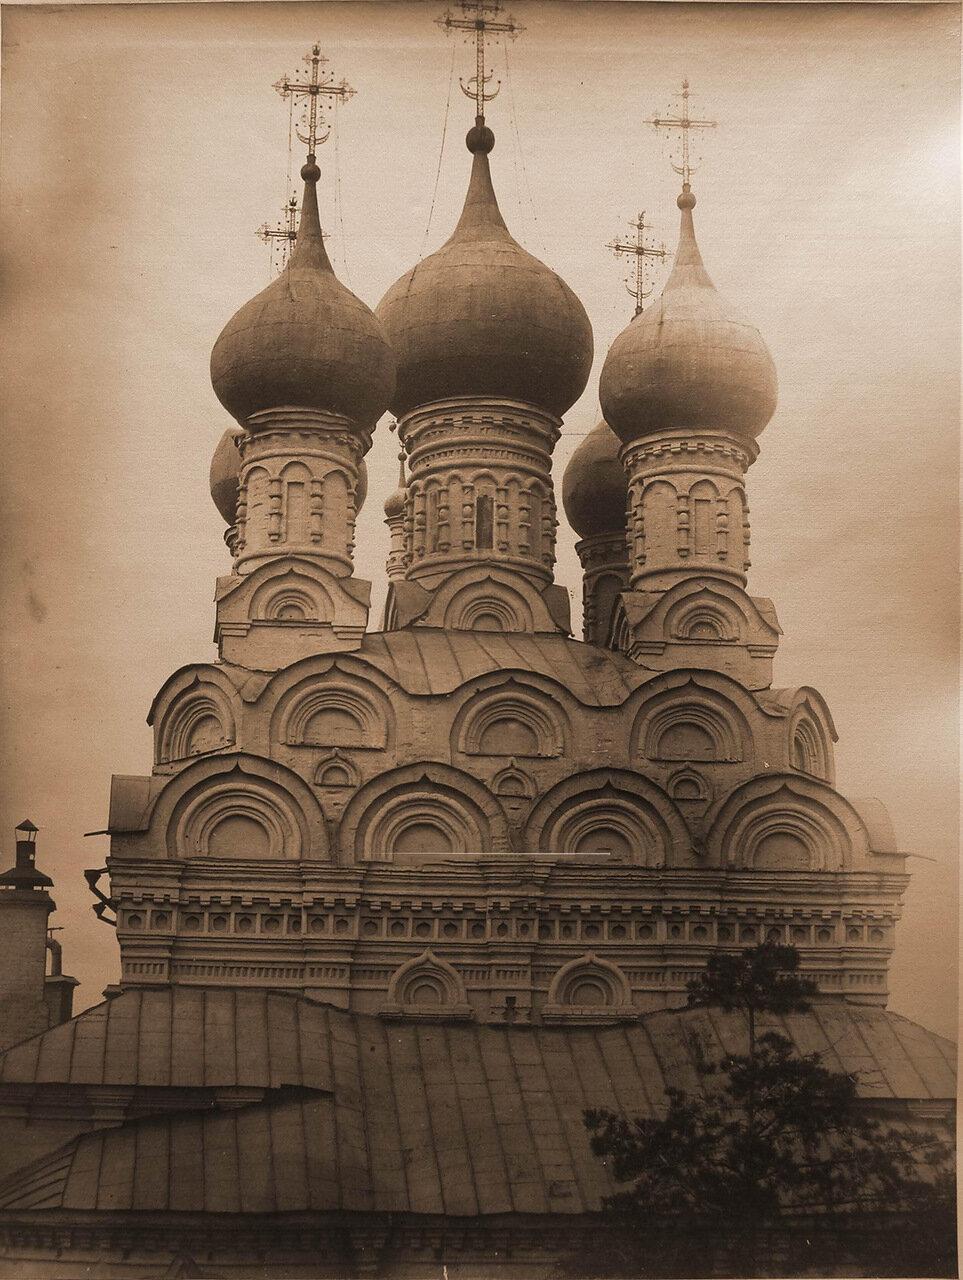 Вид верхней части - кокошников и барабанов с куполами - церкви Николая Чудотворца в Пыжах